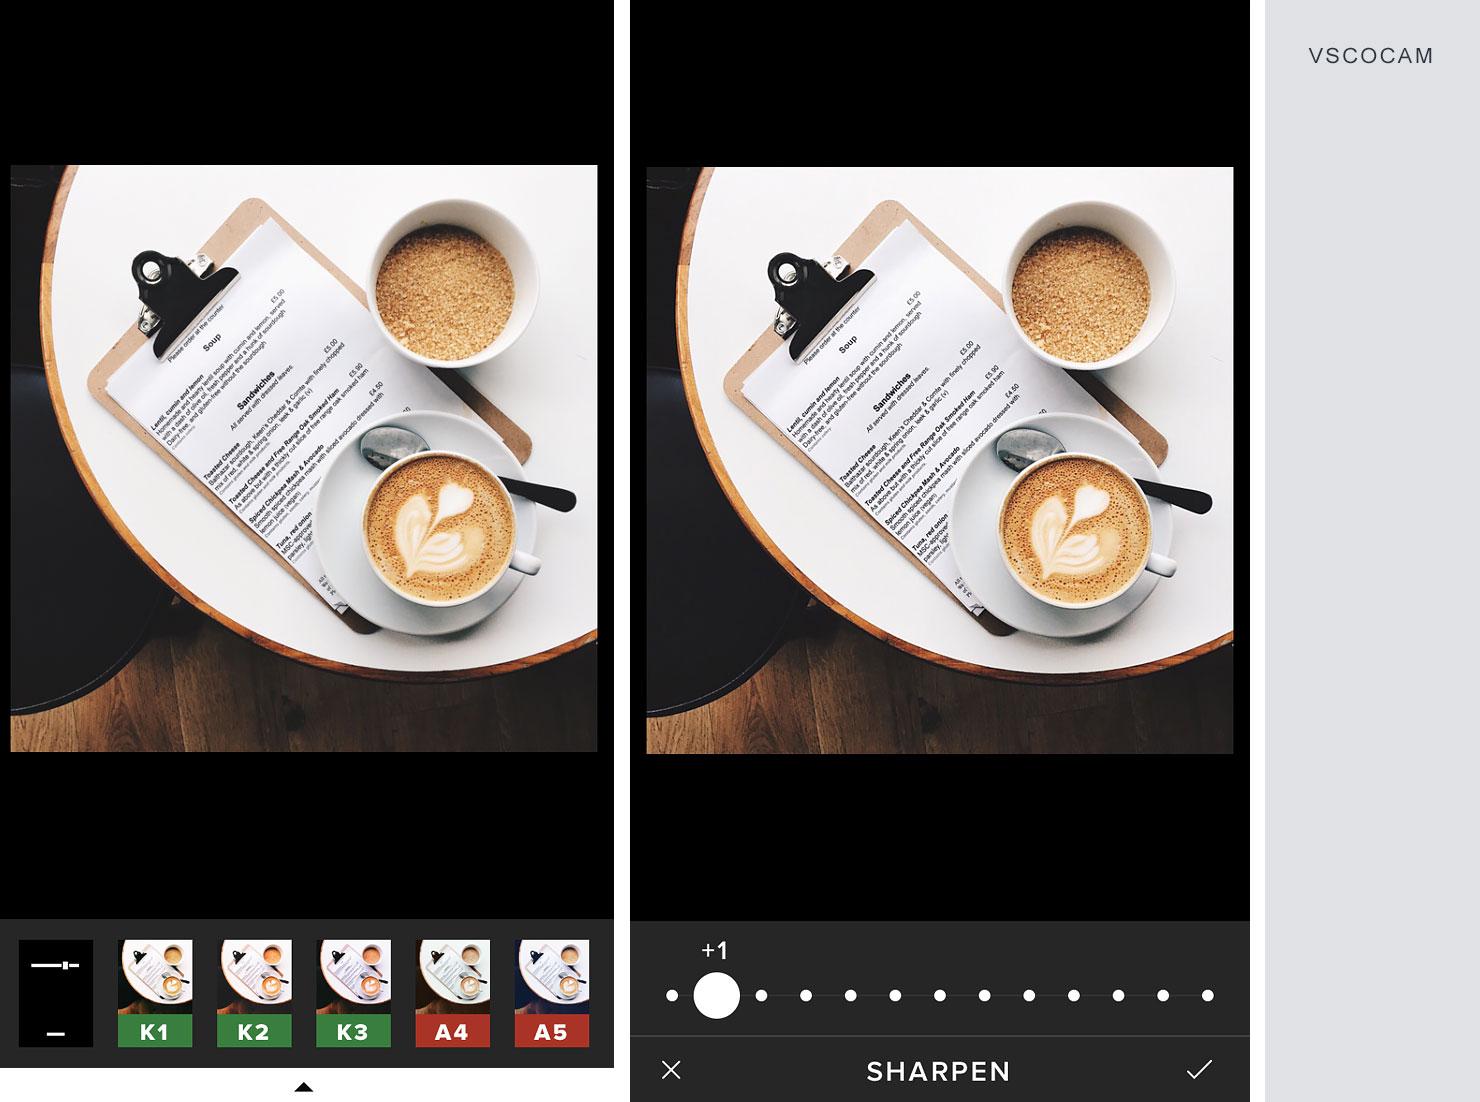 Zrzut ekranu z aplikacji VSCO cam